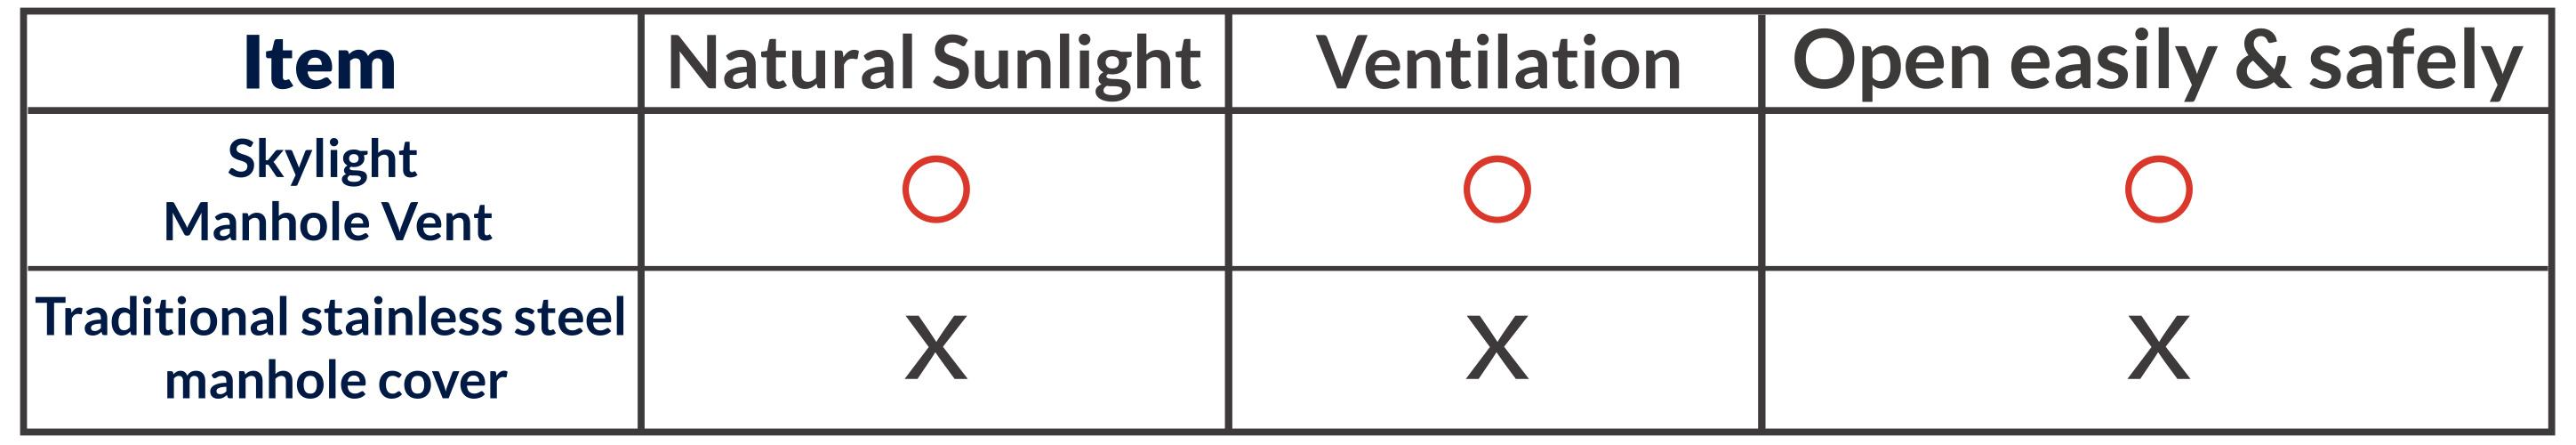 滑軌式採光通風人孔蓋比較表